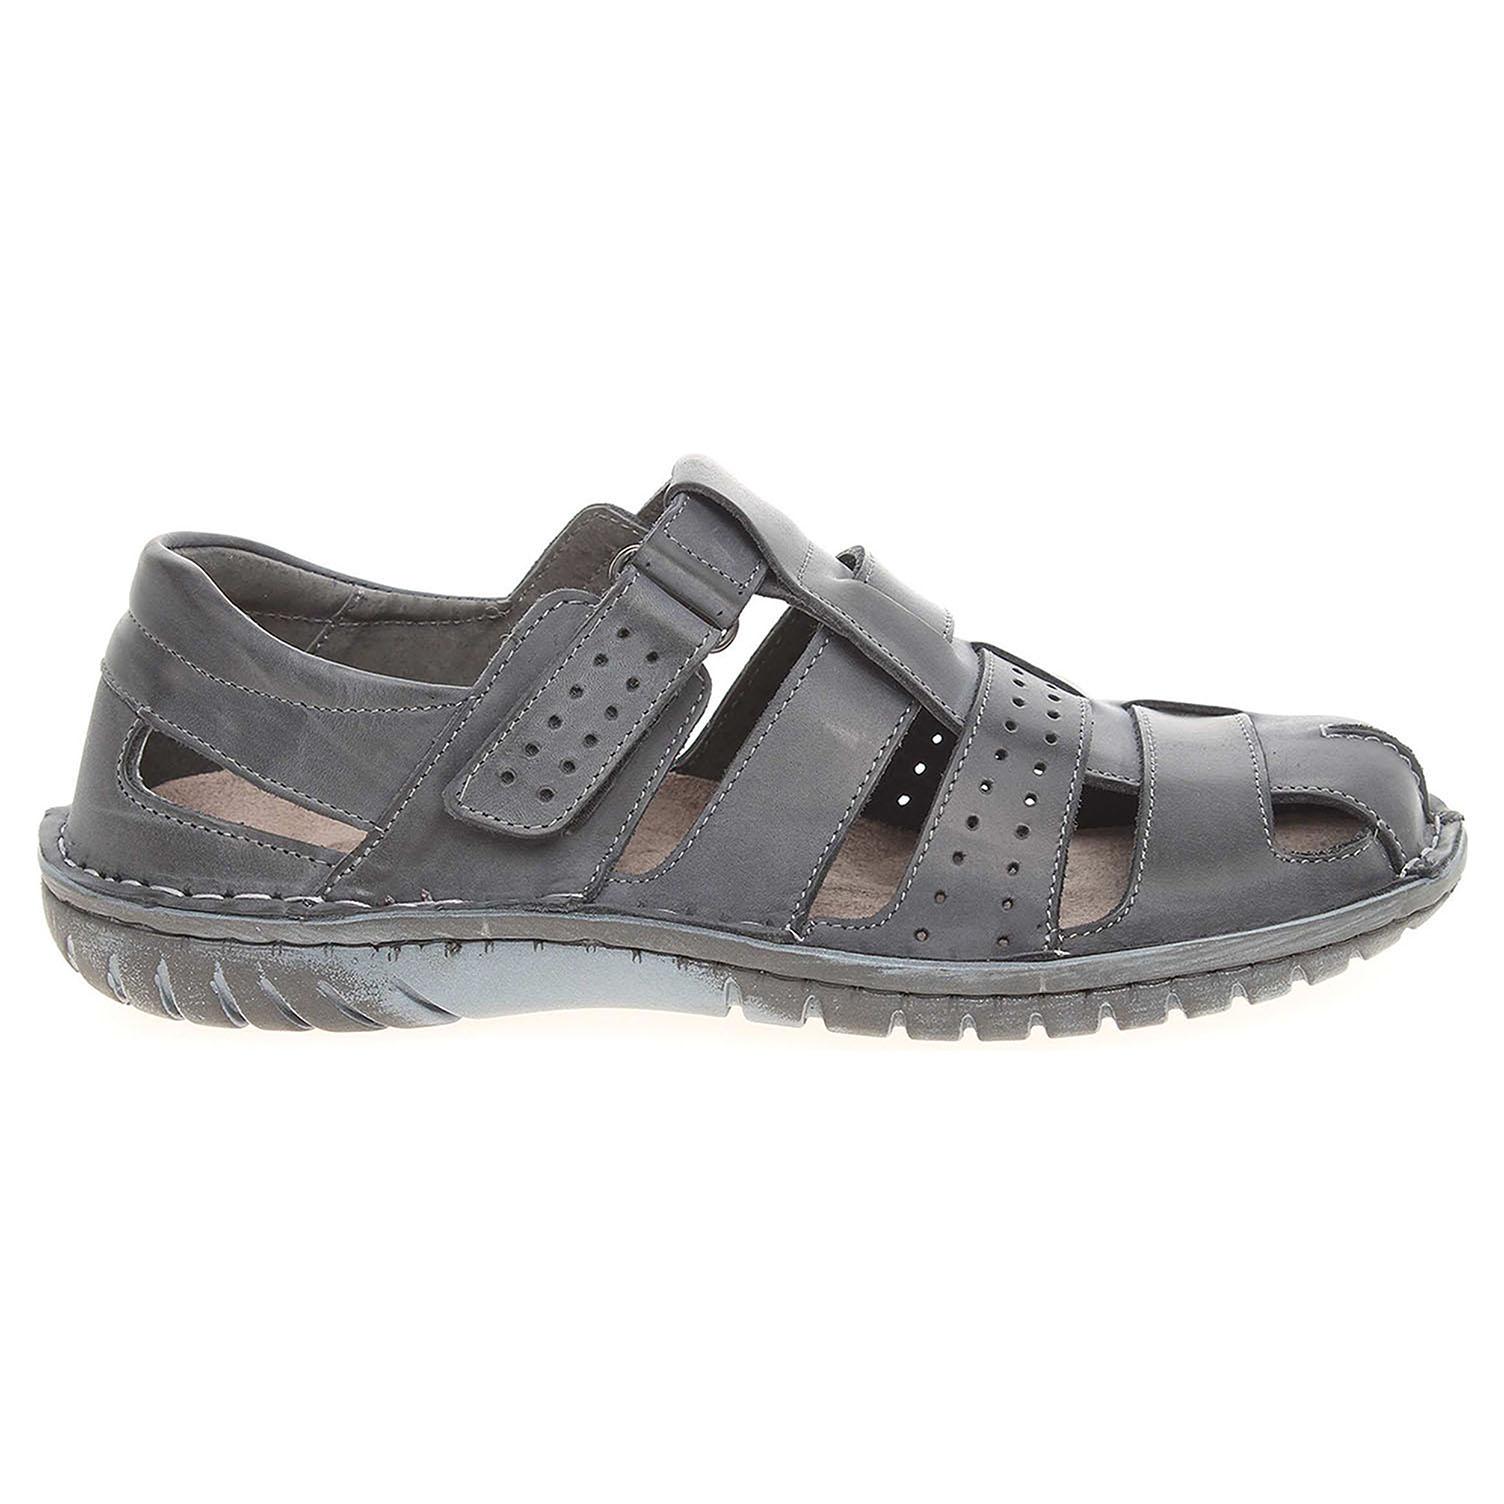 Ecco Pánské sandály EF 236 modré 24700252